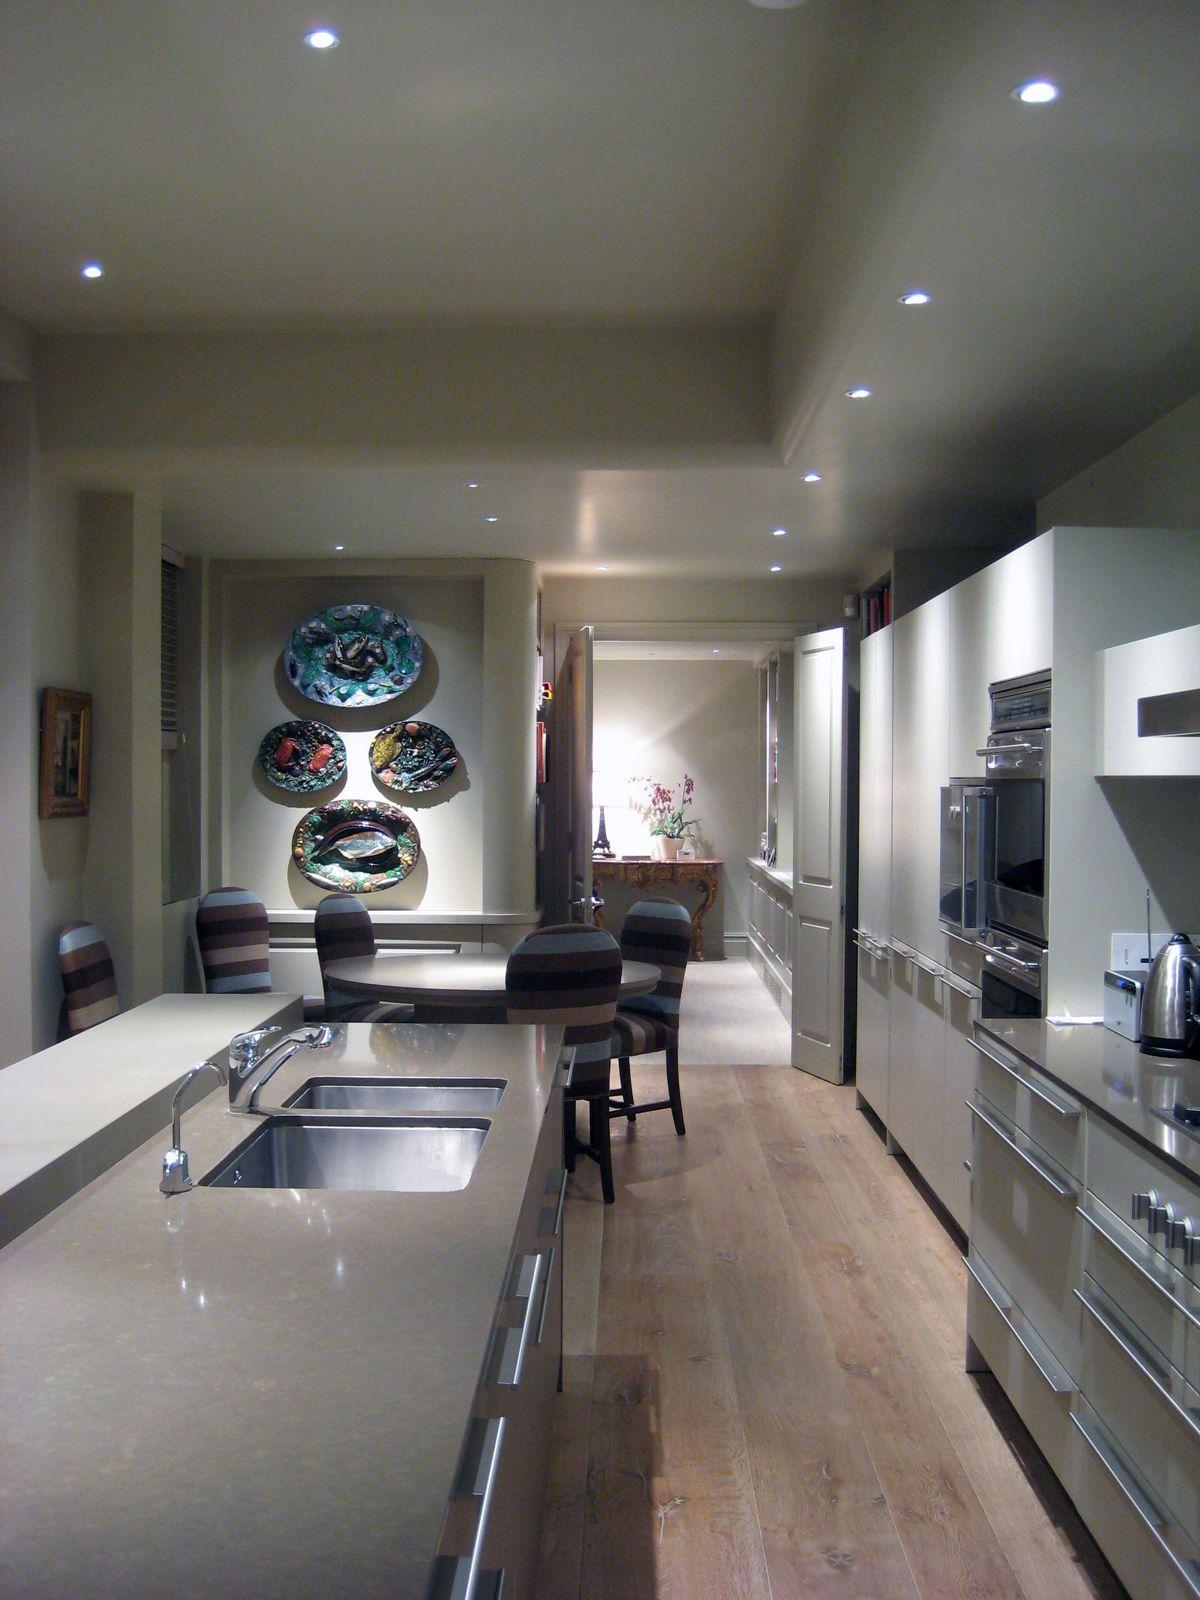 Kitchen Spot Lighting Lighting design by john cullen lighting home decor pinterest spot light position for full length kitchen cabinets workwithnaturefo